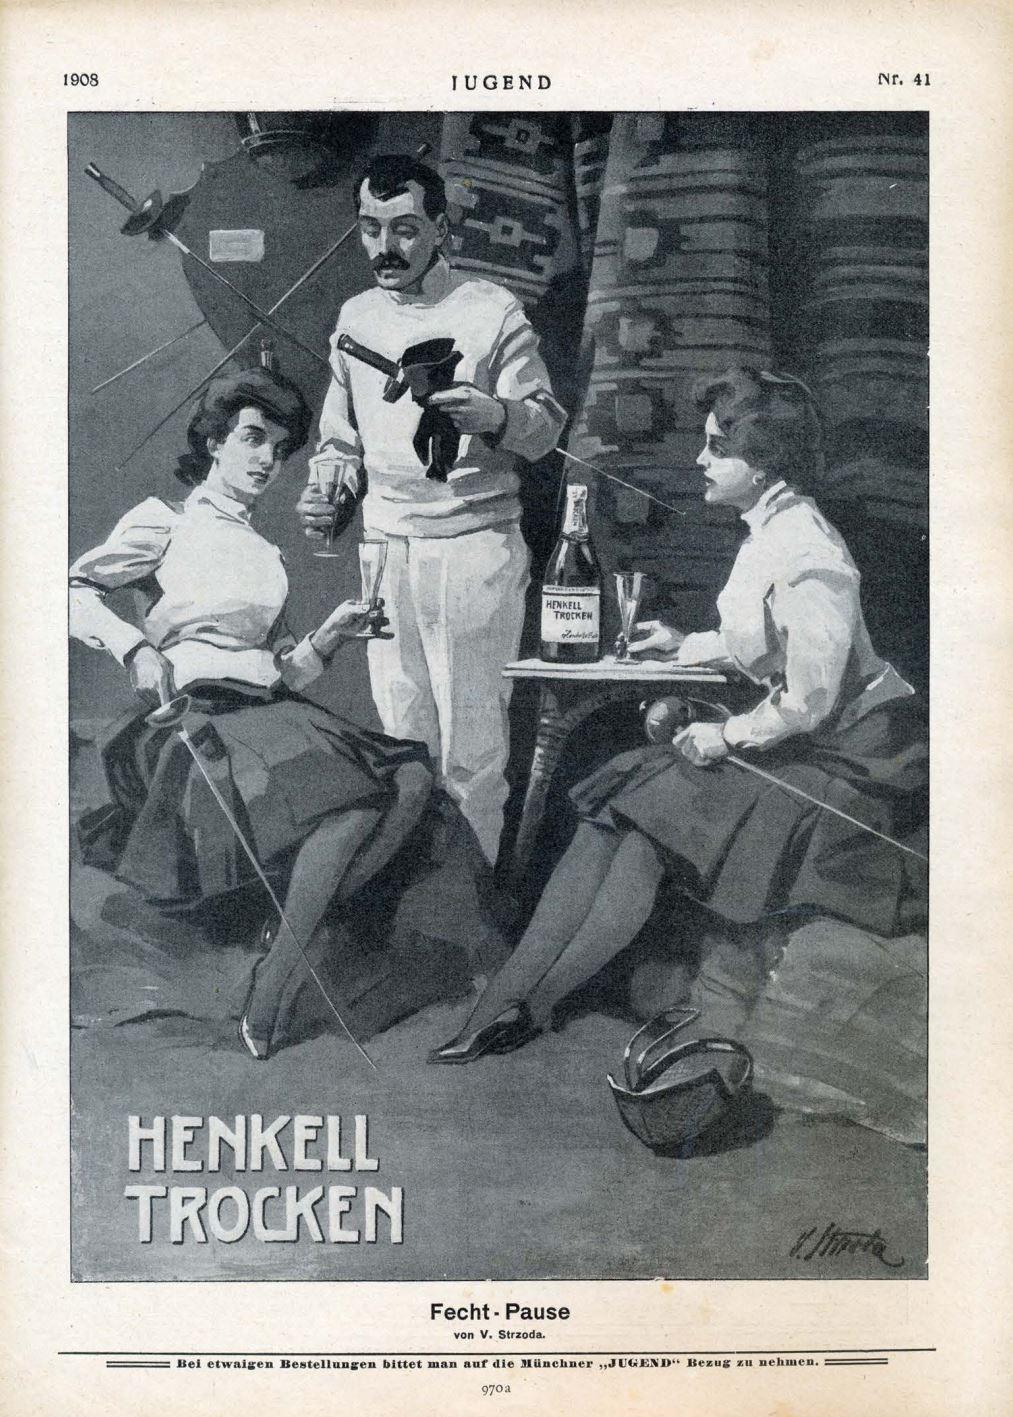 1908 Jugend Henkell Trocken